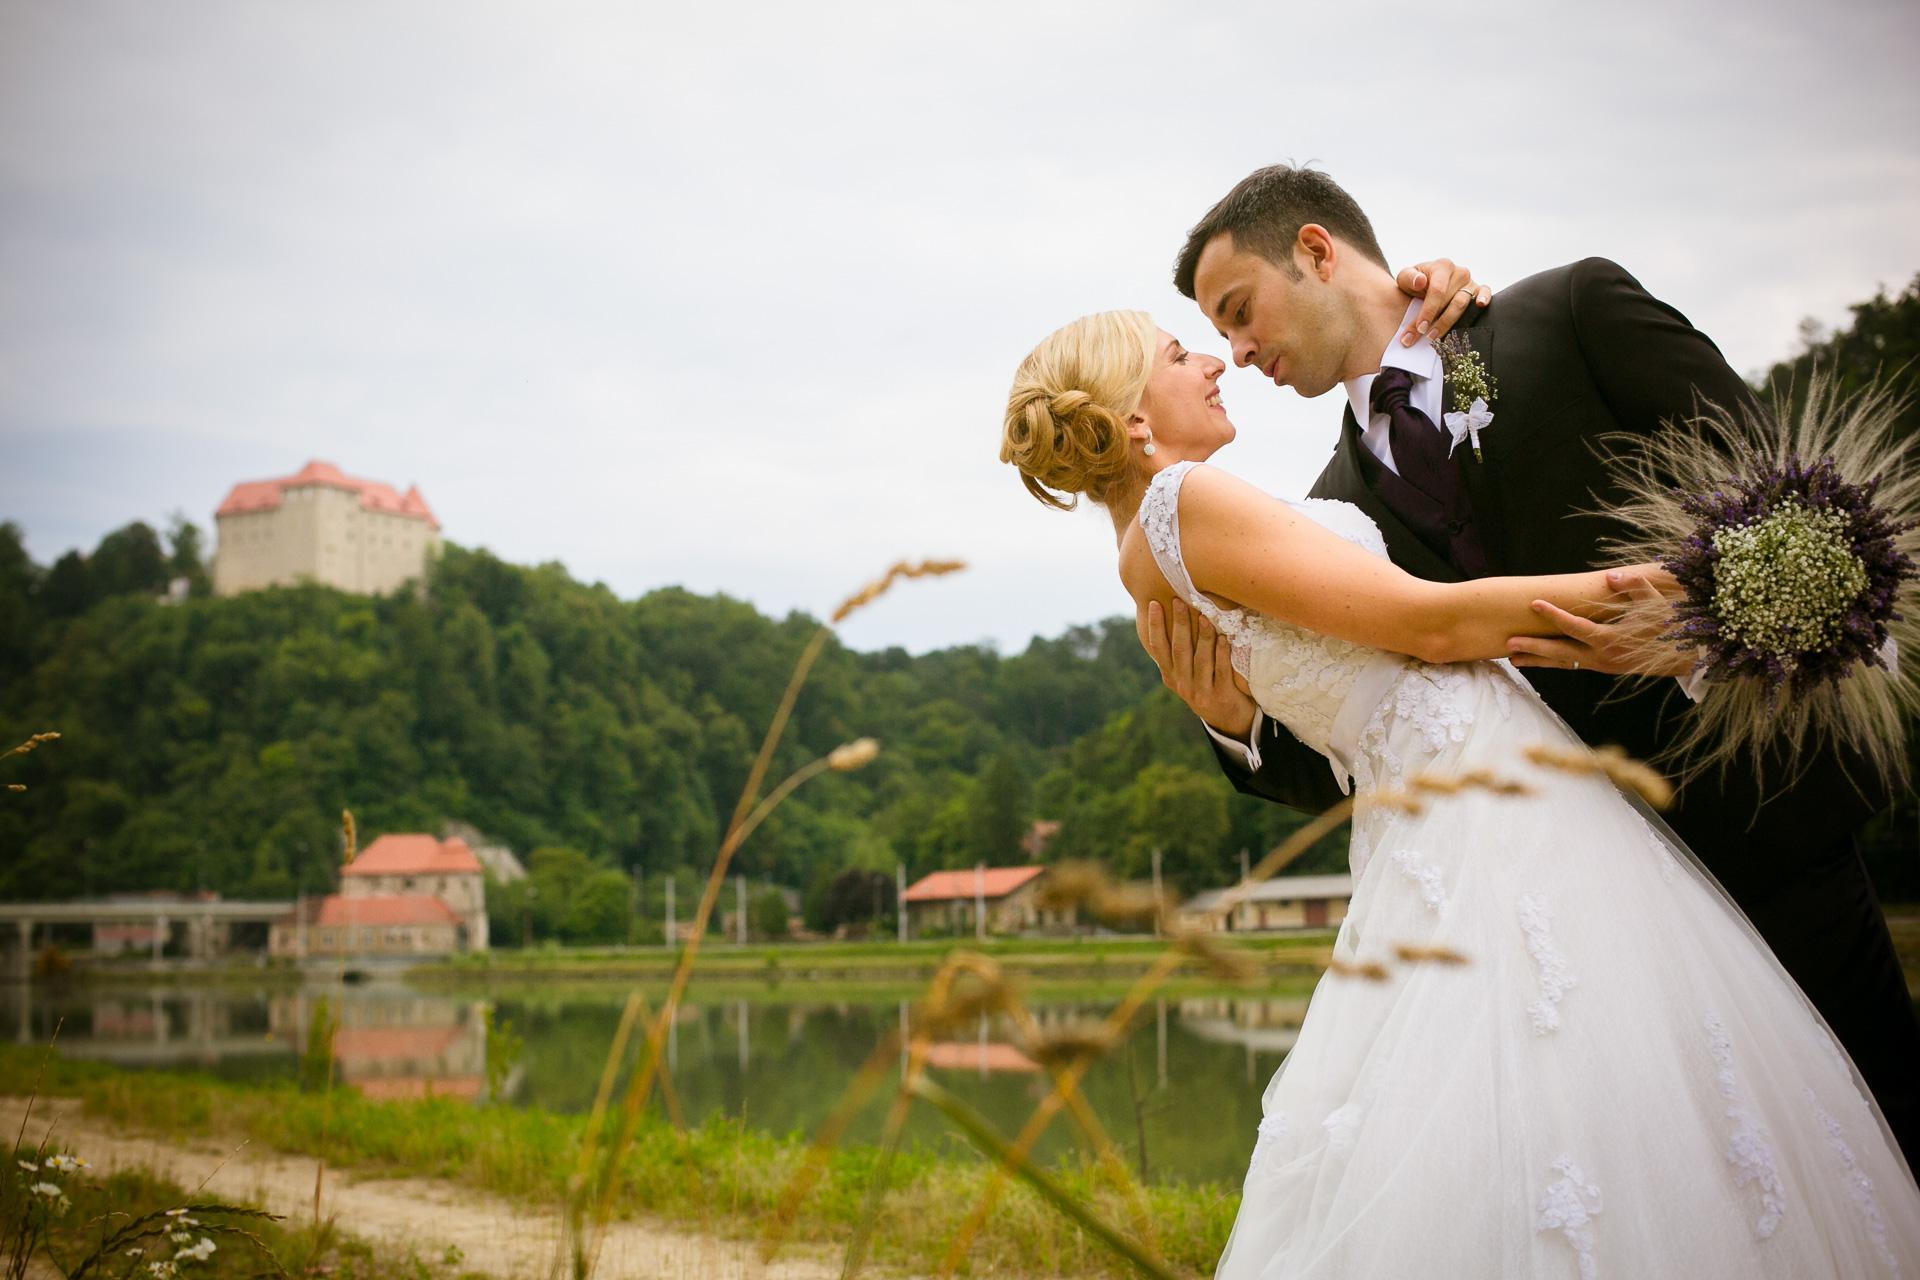 fotozate@tadejbernik.com. +386 31 413 654,, fotograf poroka, fotograf za poroko, fotografiranje poroke, groom, hochzeit, hochzeitsfotograf, hochzeitsfotos, hochzeitsreportage,